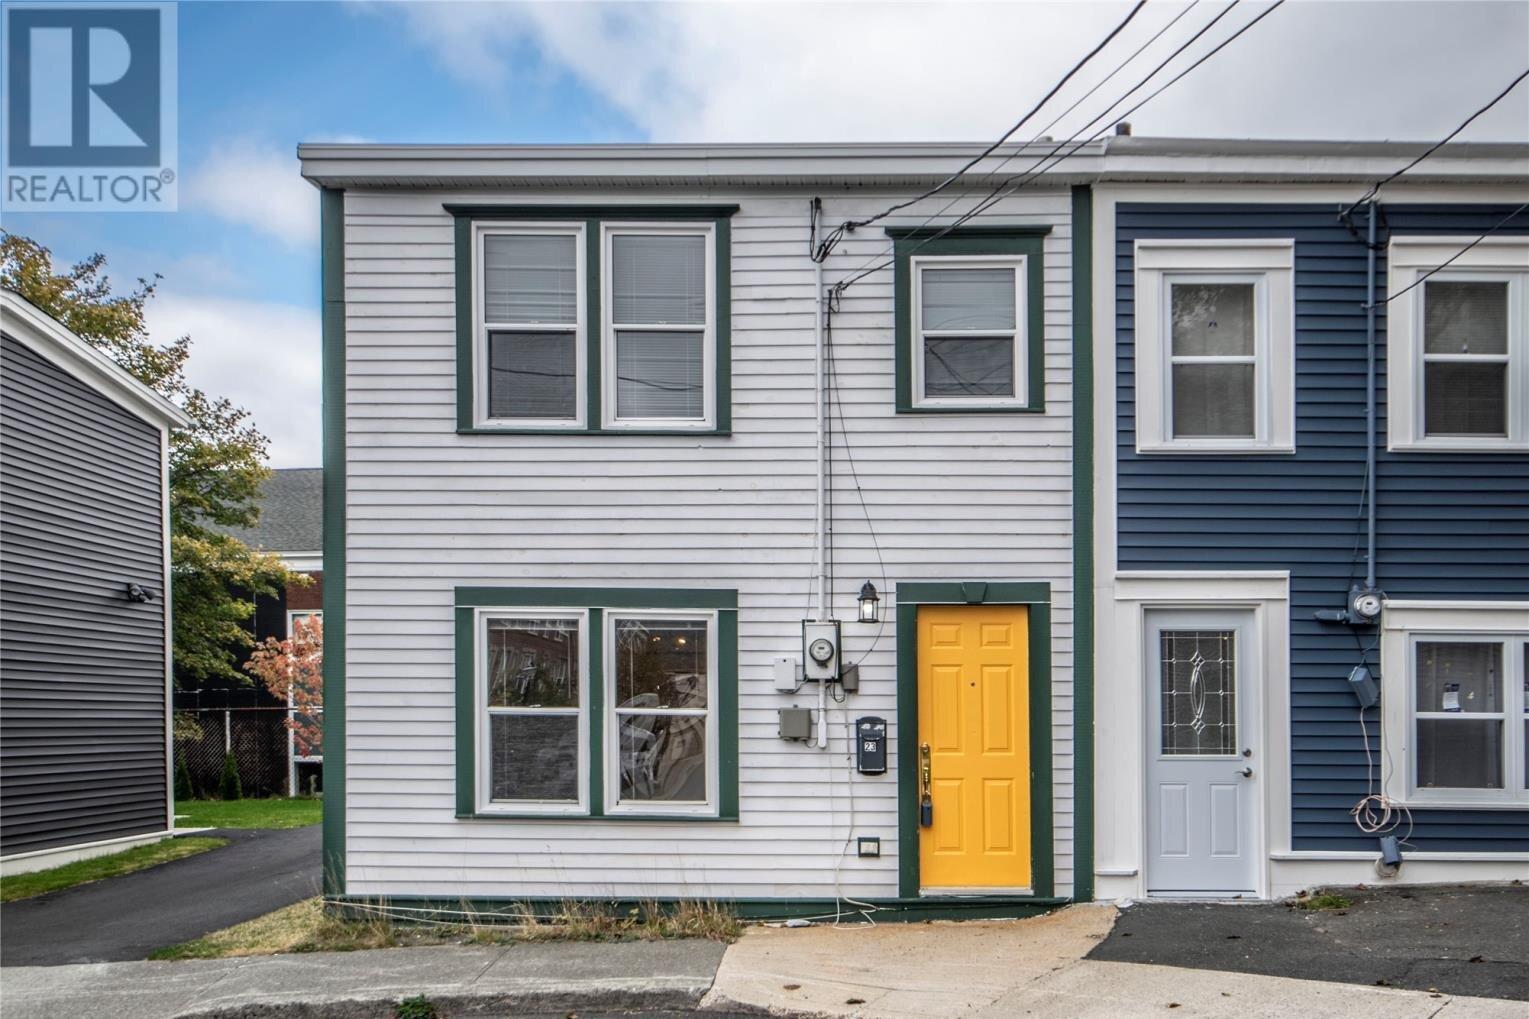 House for sale at 23 Howe Pl St. John's Newfoundland - MLS: 1222664